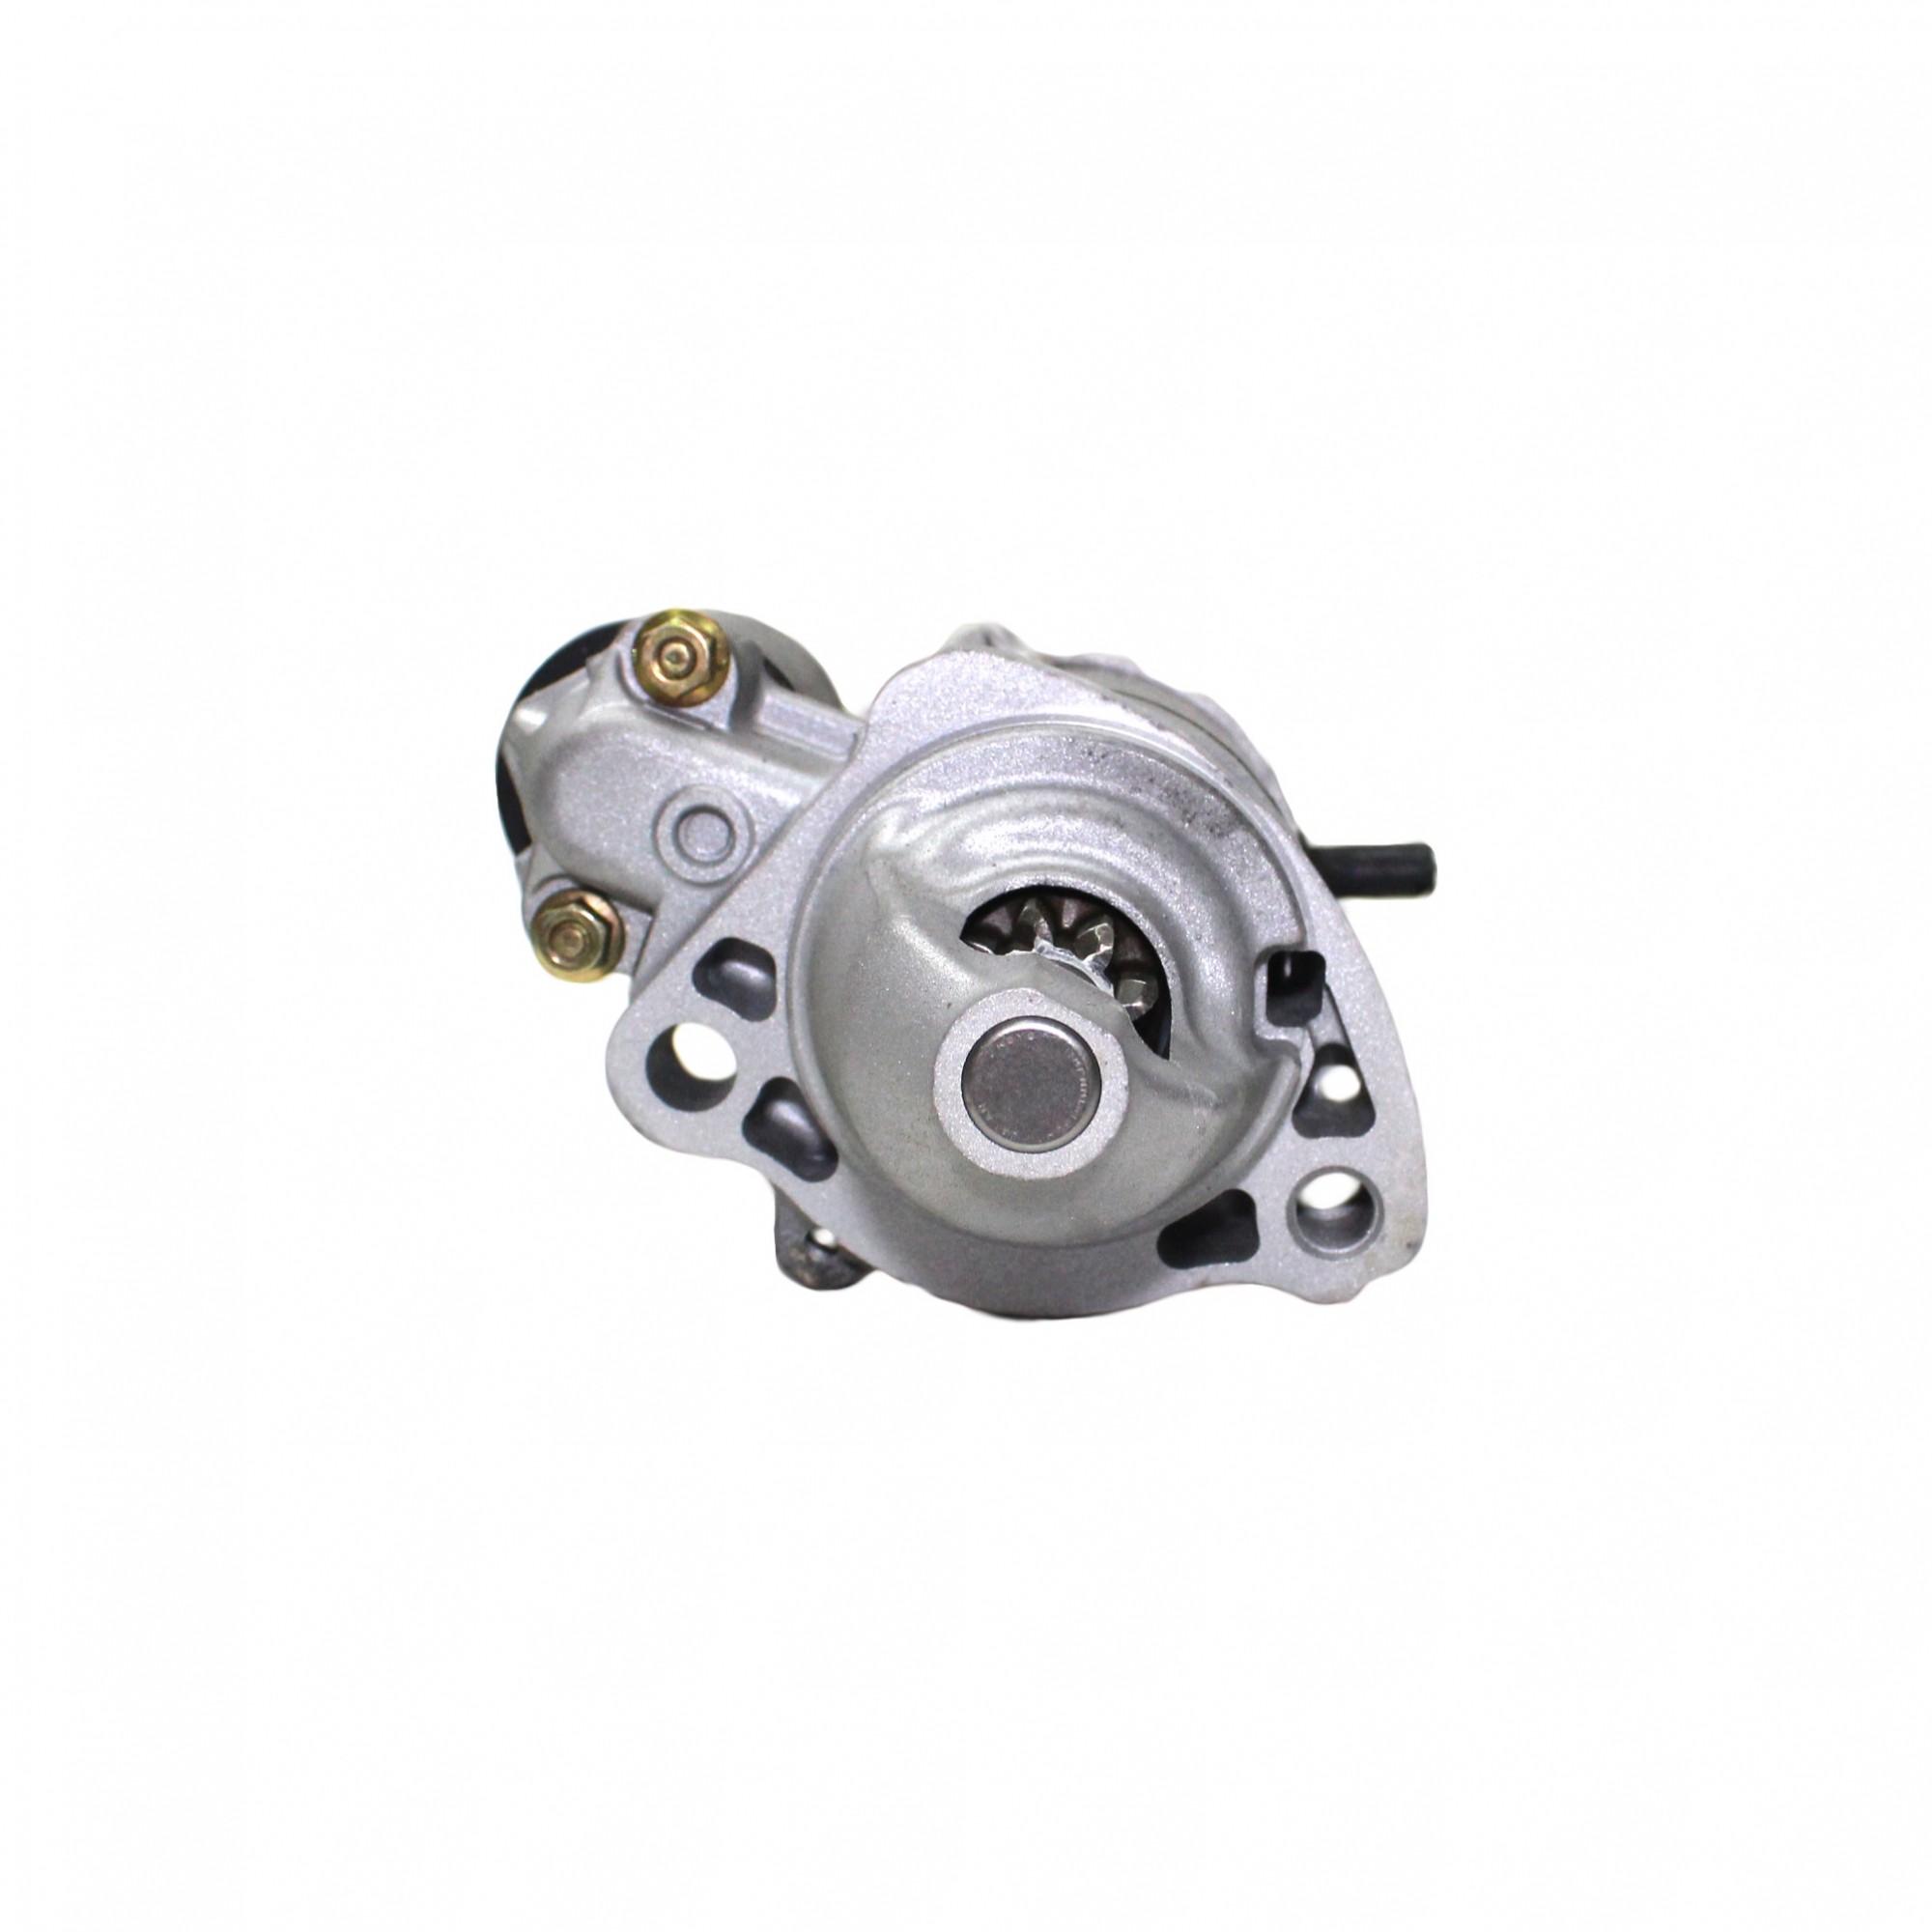 Motor de Arranque Partida Honda Fit 1.4 03...08 4280000960